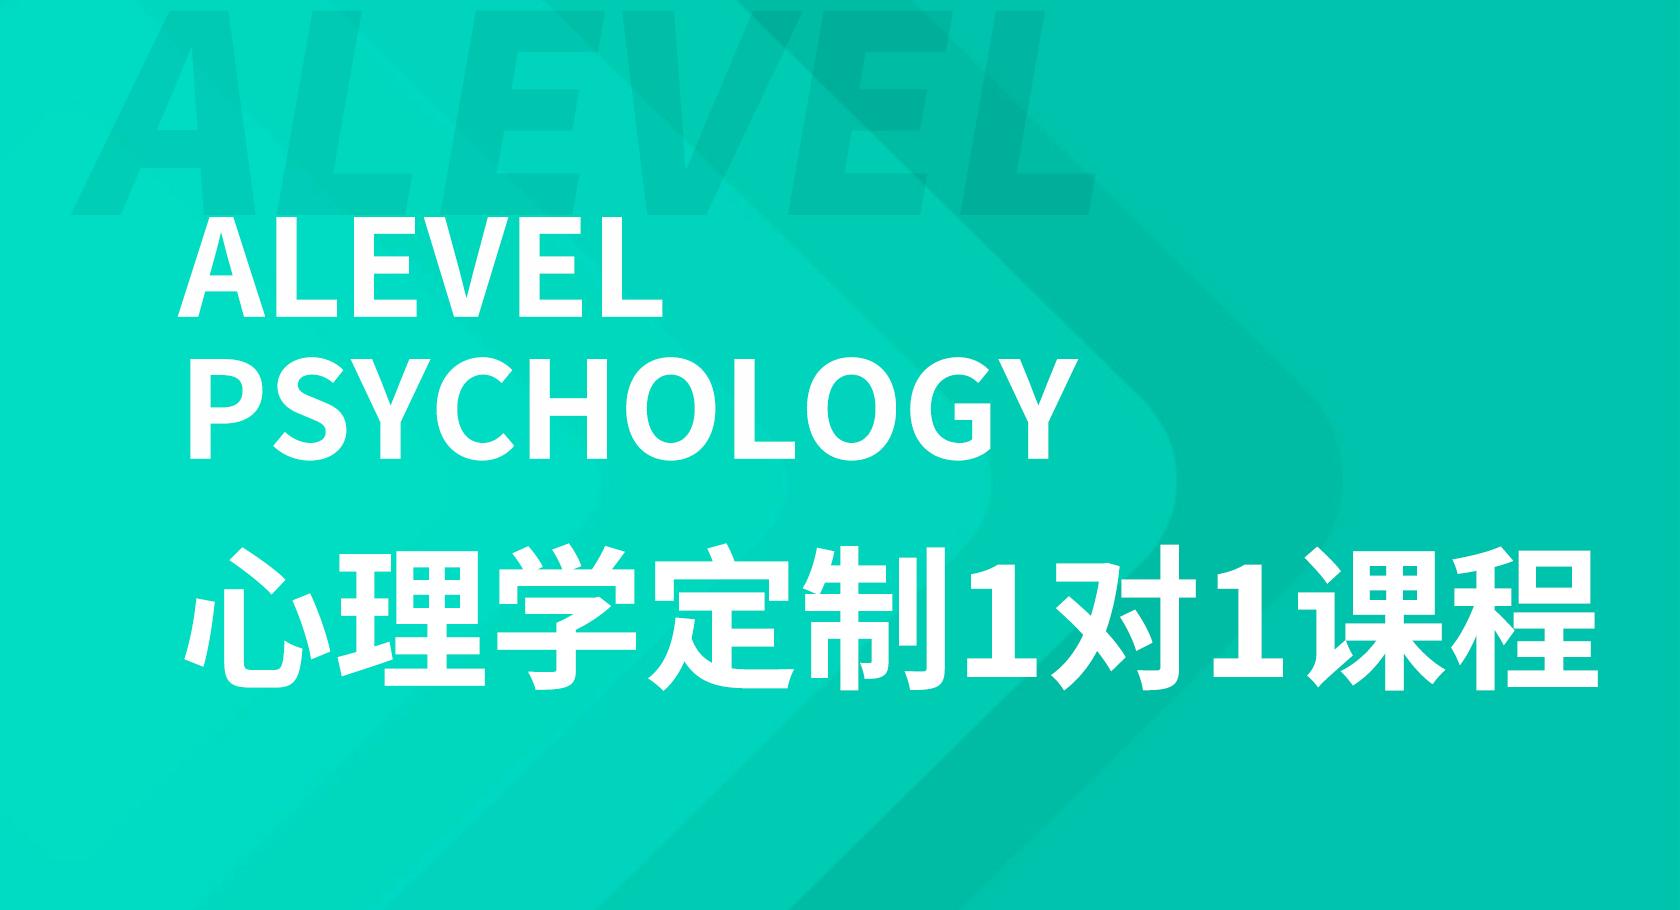 Alevel心理学1对1课程